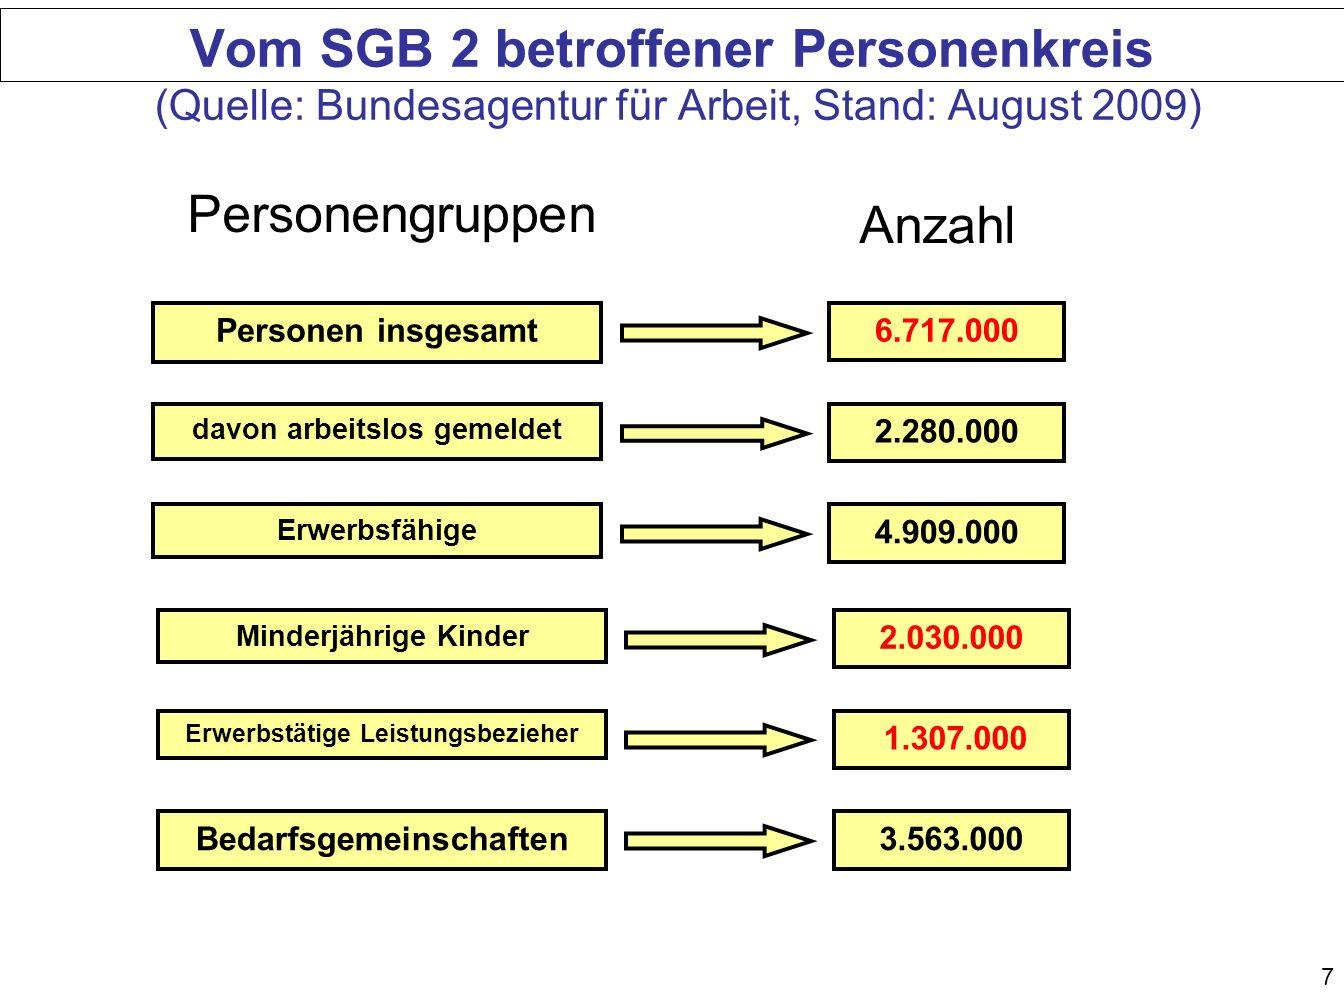 Vom SGB 2 betroffener Personenkreis (Quelle: Bundesagentur für Arbeit, Stand: August 2009)